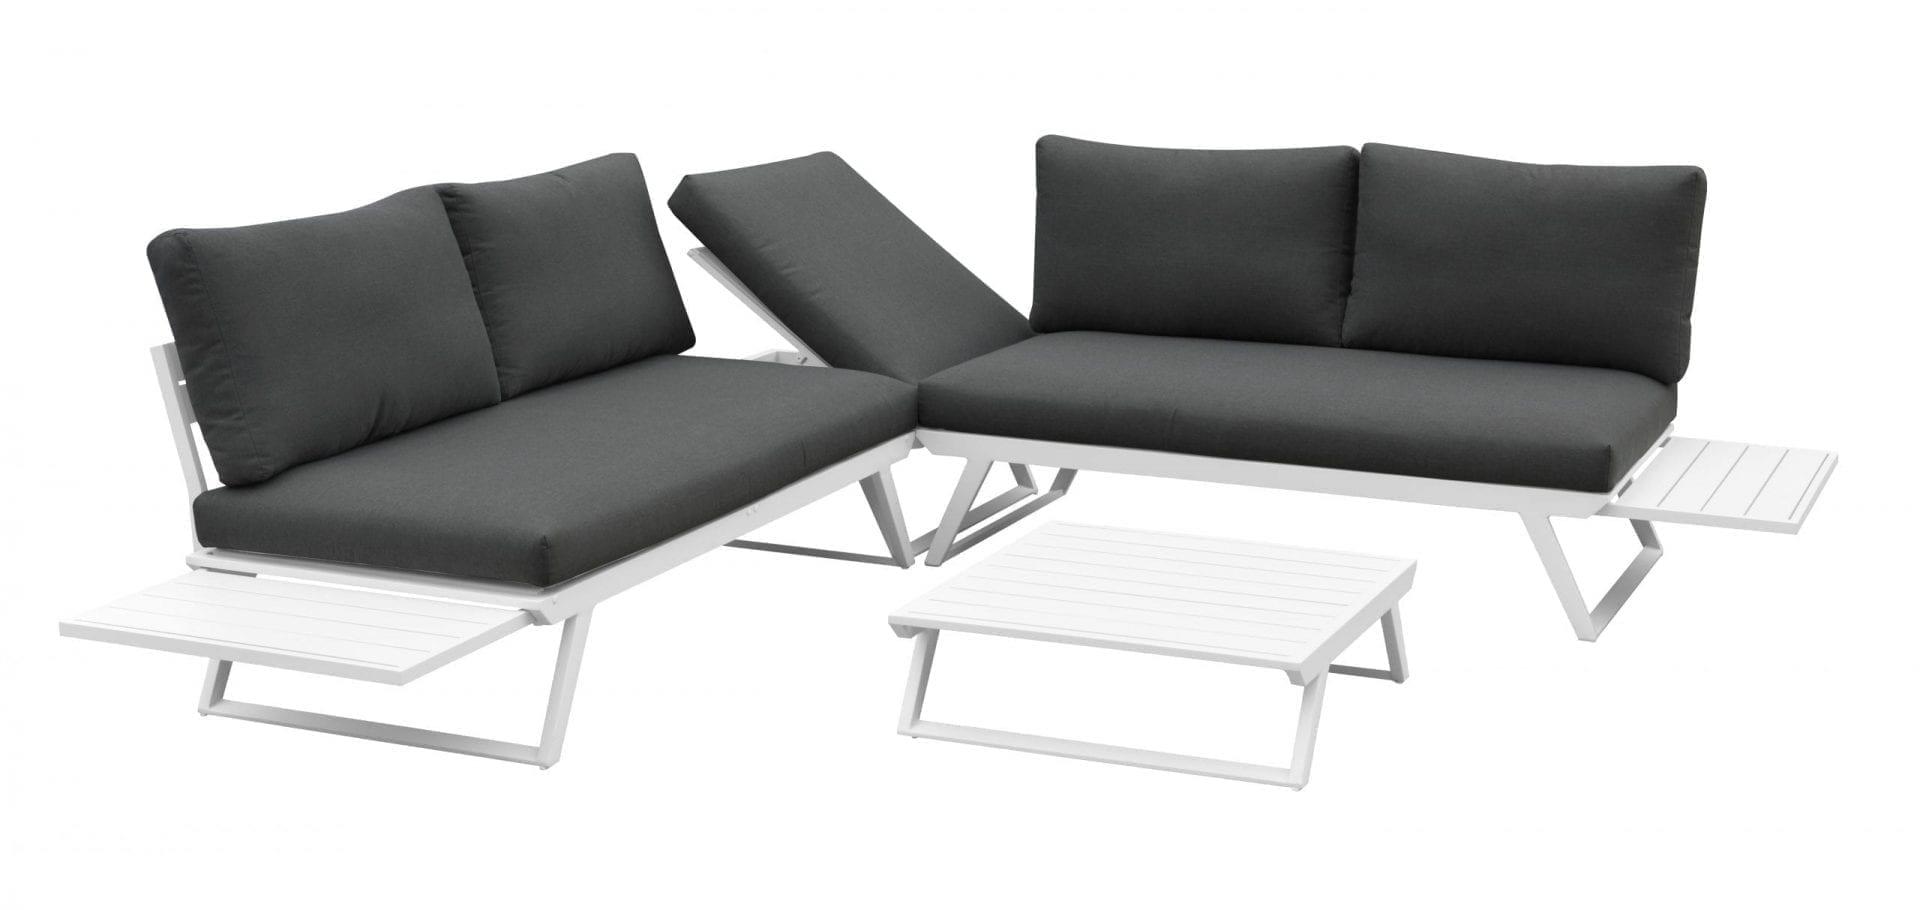 Gardenart fleksibel hjørnesofa med bord i hvit aluminium og grå puter